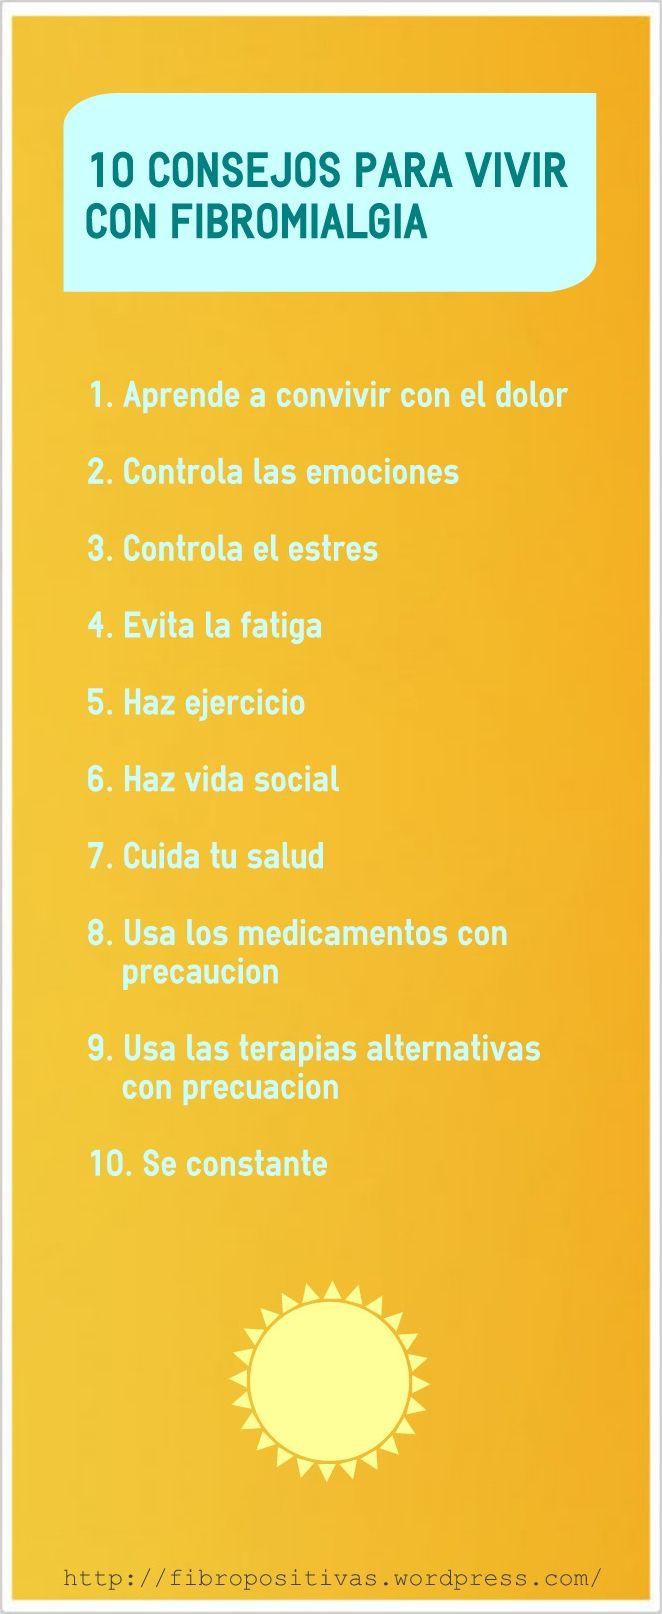 10 consejos para vivir con fibromialgia.